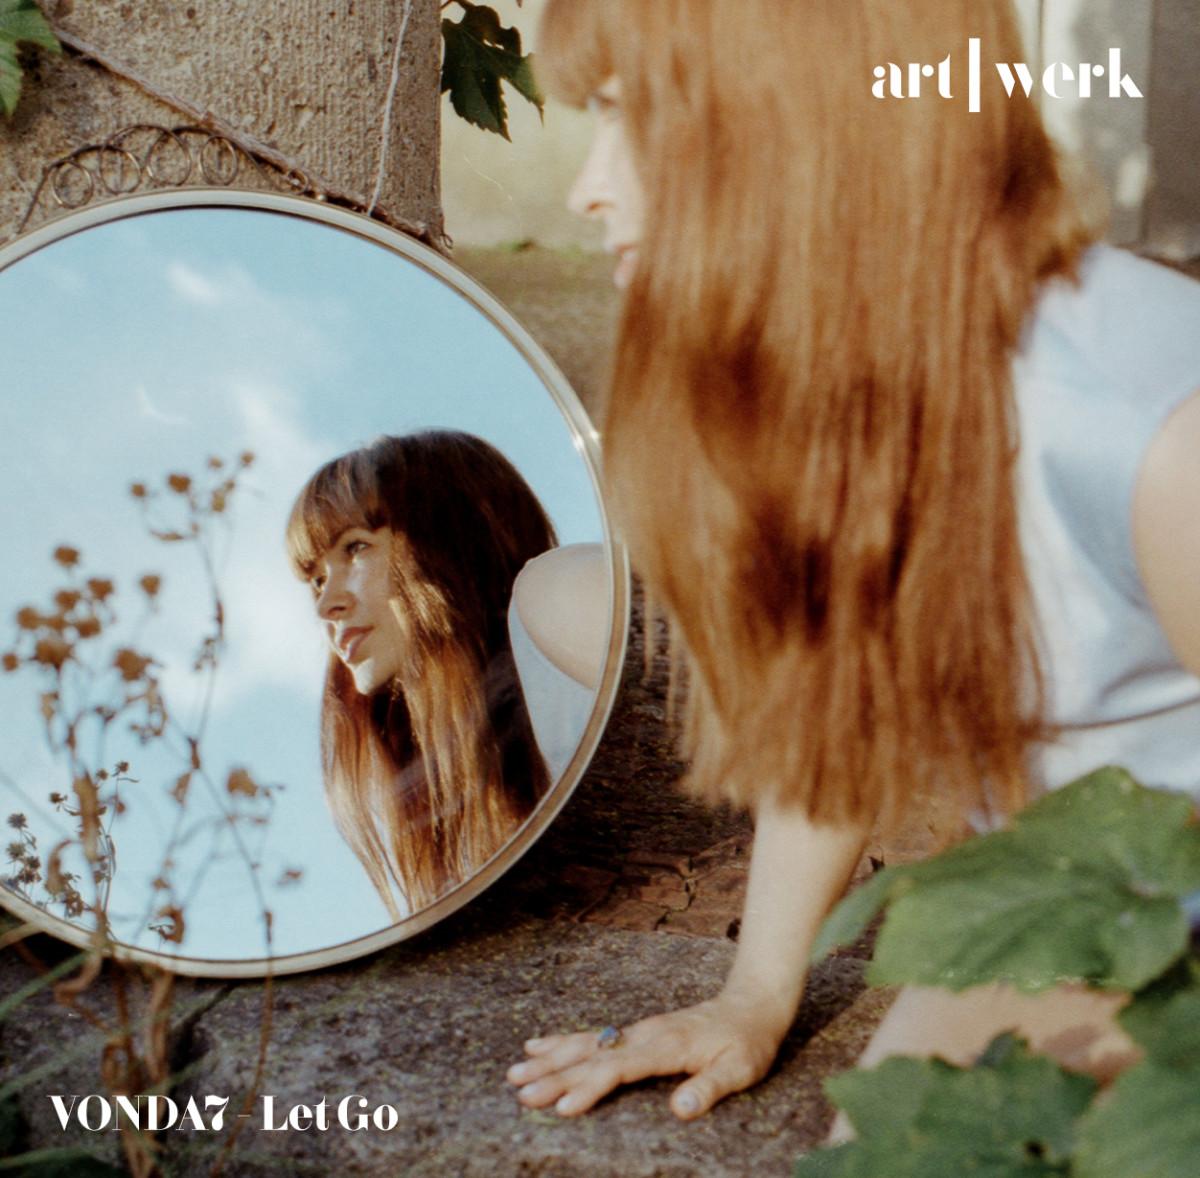 VONDA7 Let Go Album Cover